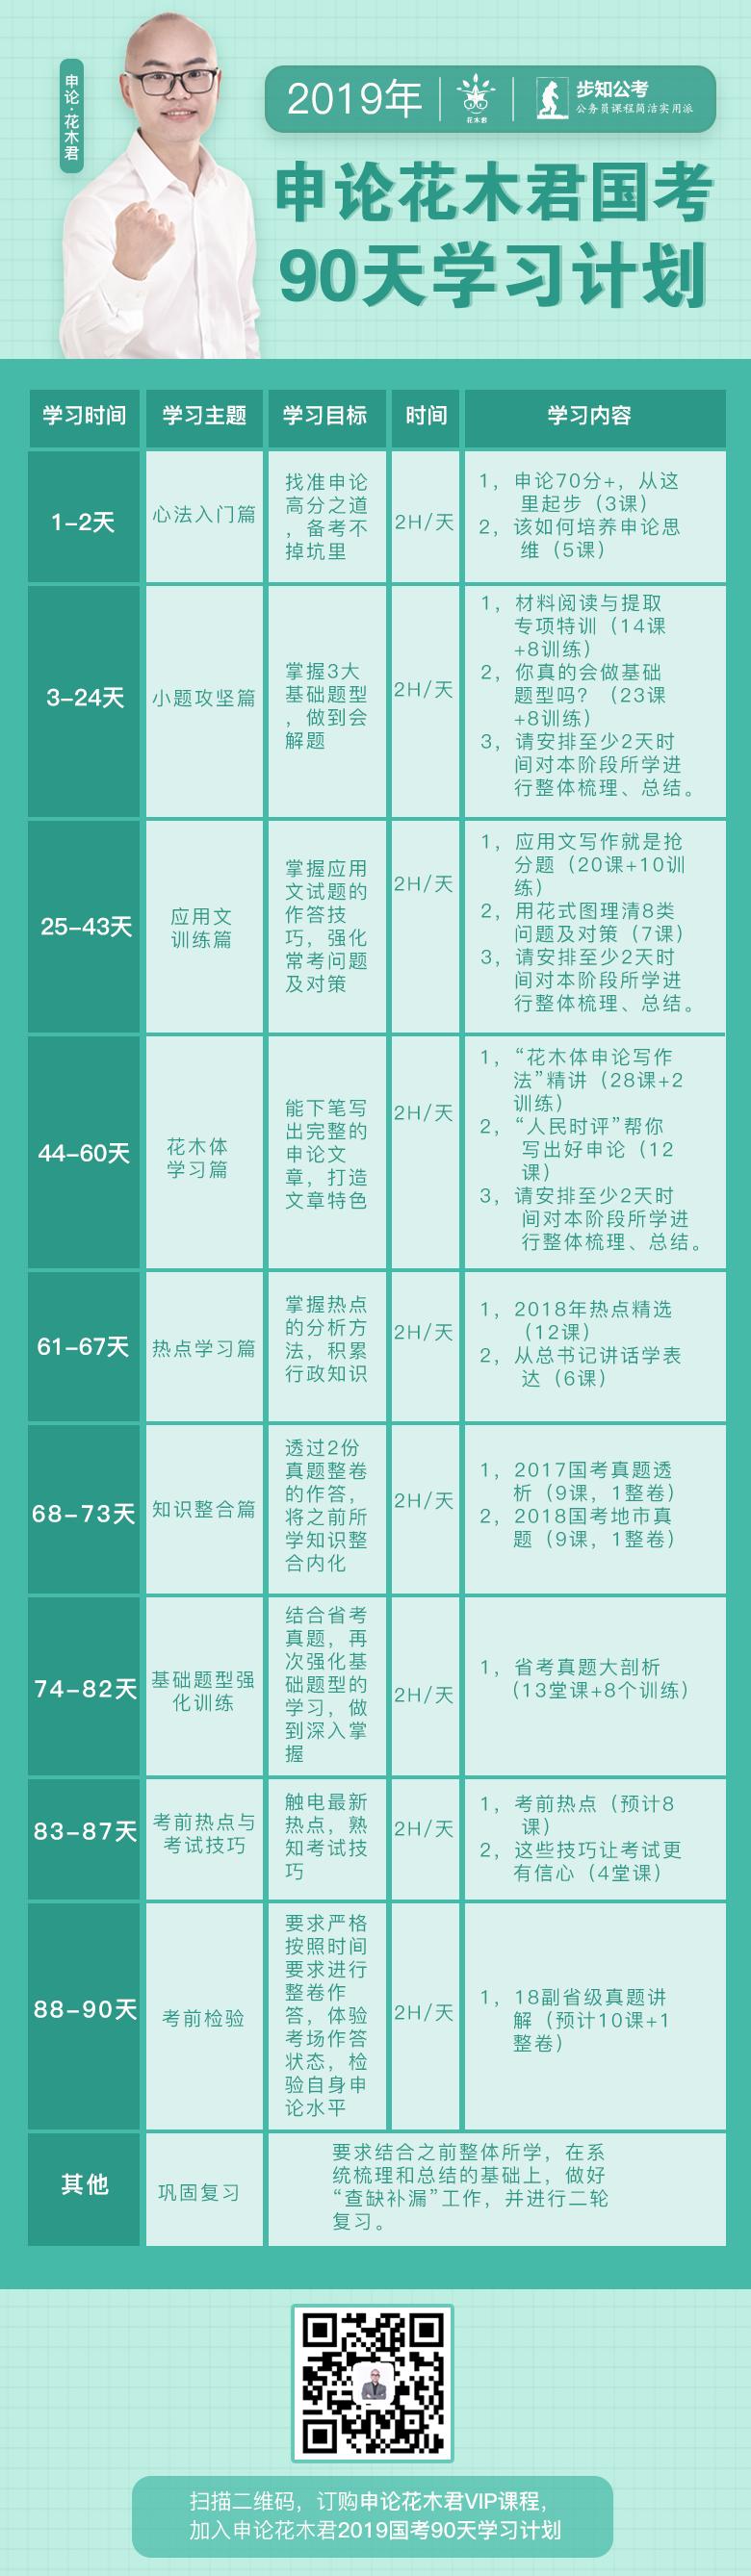 申论花木君2019国考90天4(新)psd.png